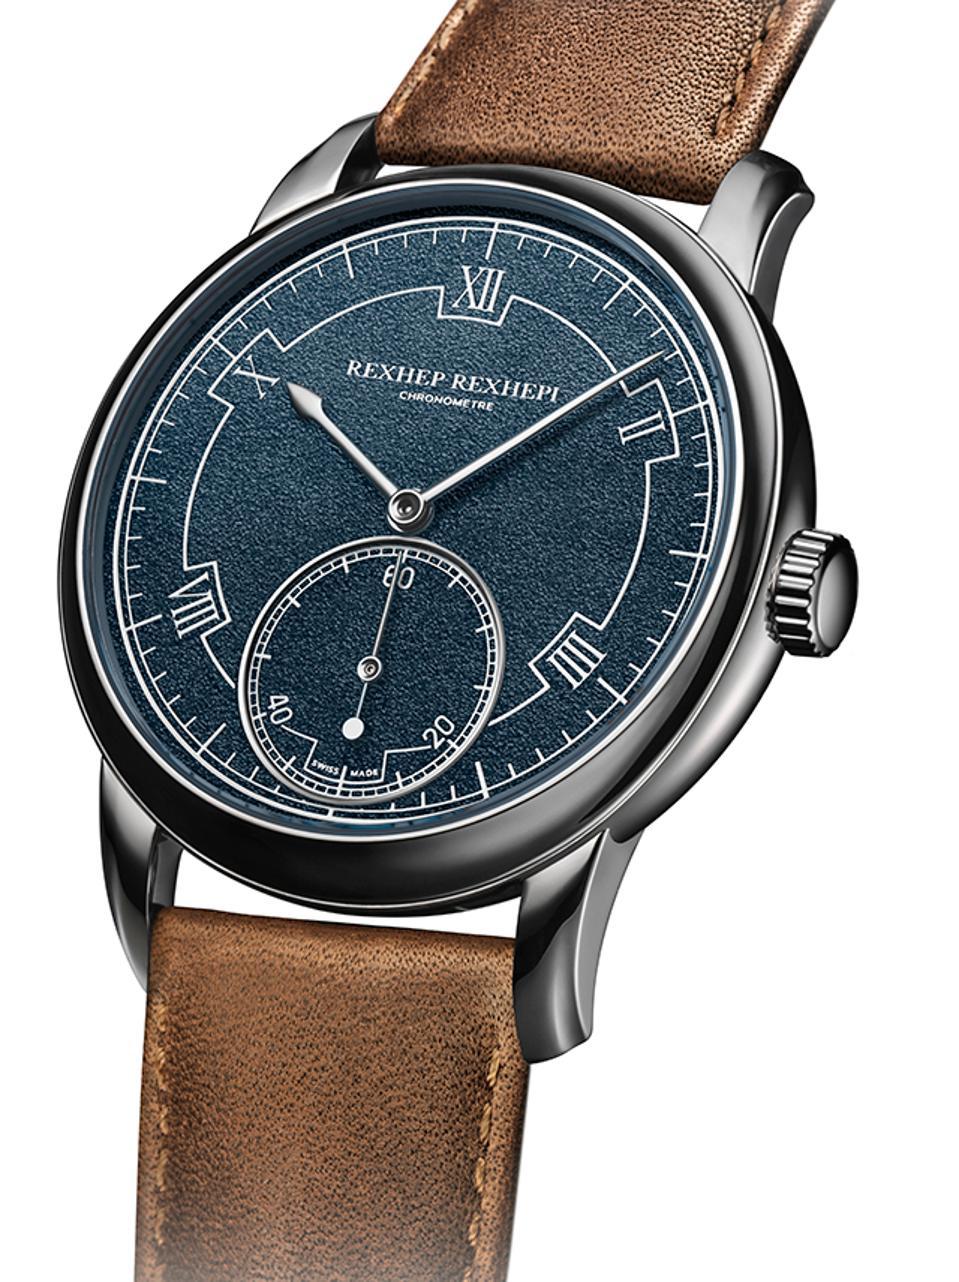 The Akrivia Rexhep Rexhepi Chronometre Contemporain sold for CHF 360,000.